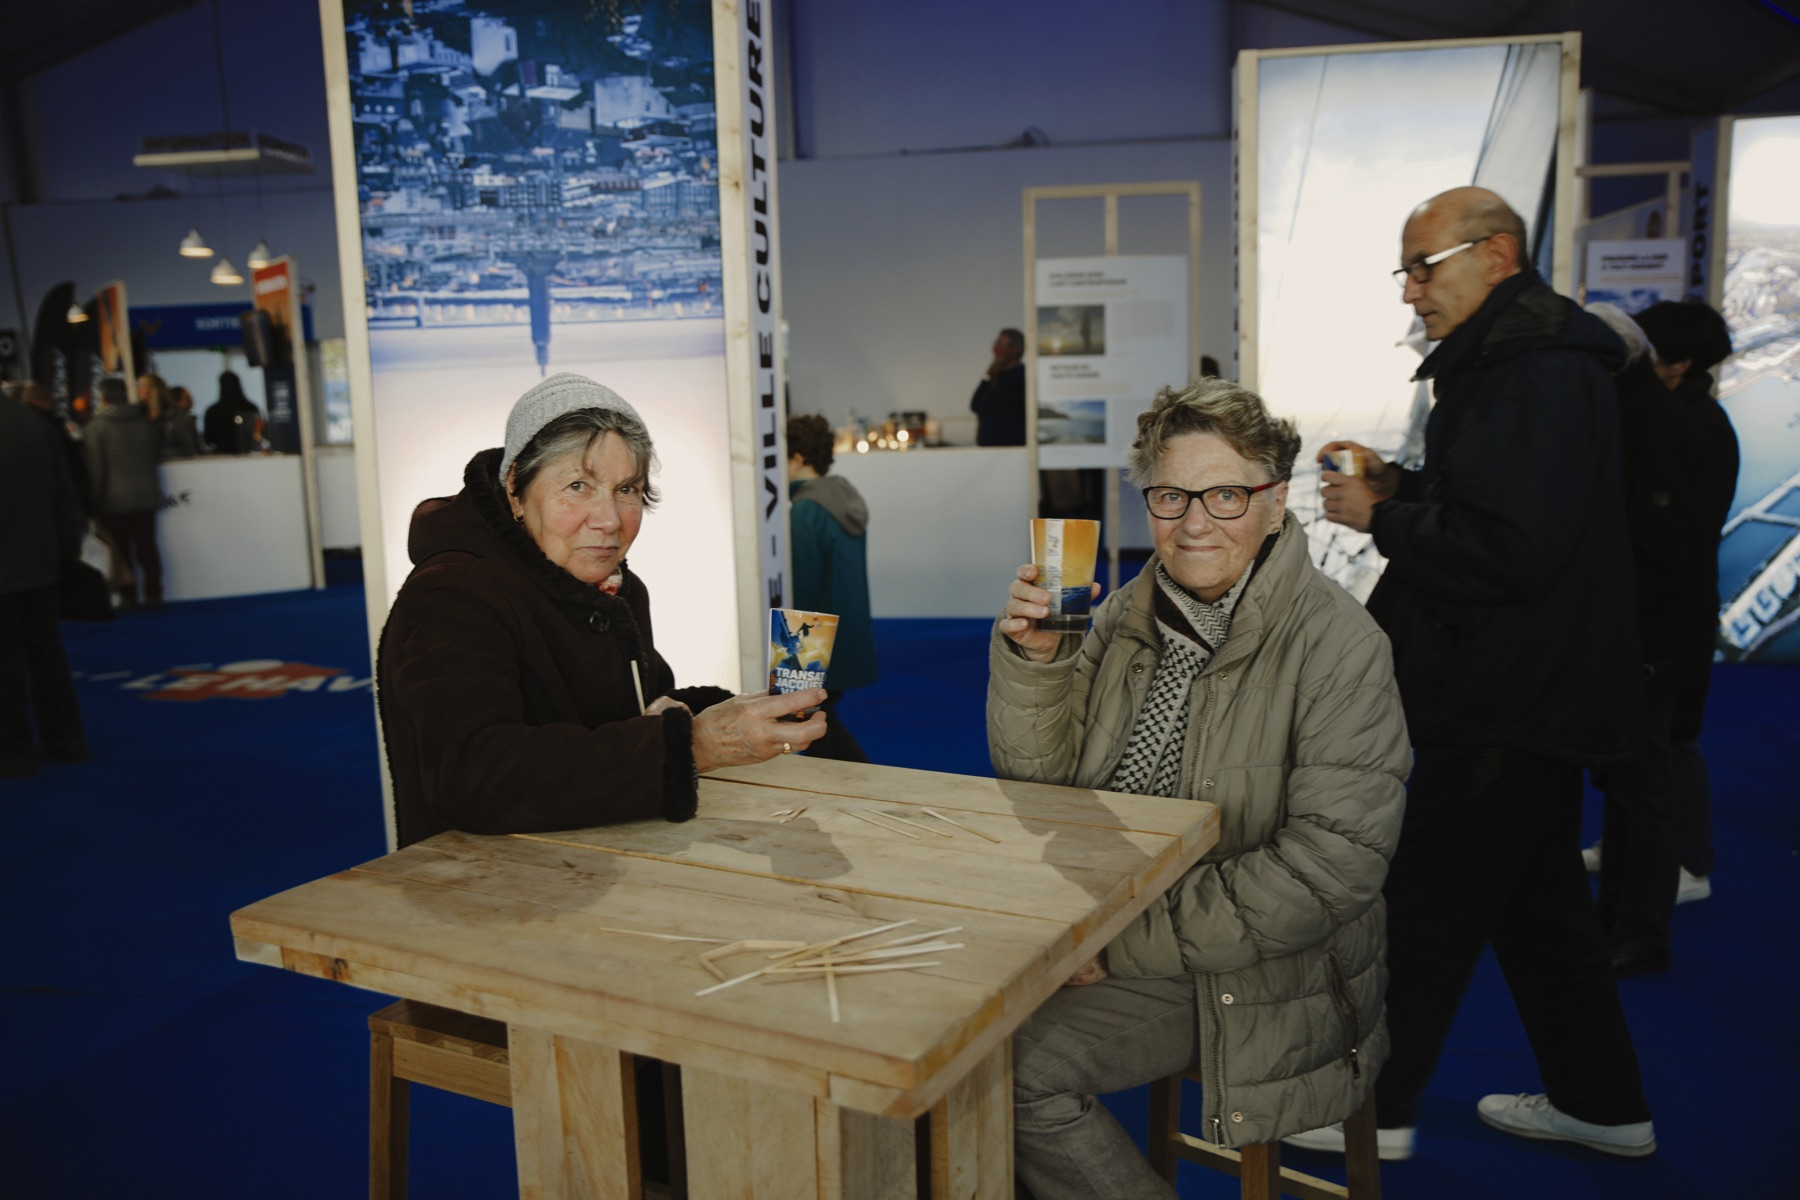 Transat Jacques Vabre 2019 et le gobelet réutilisable Esprit Planete